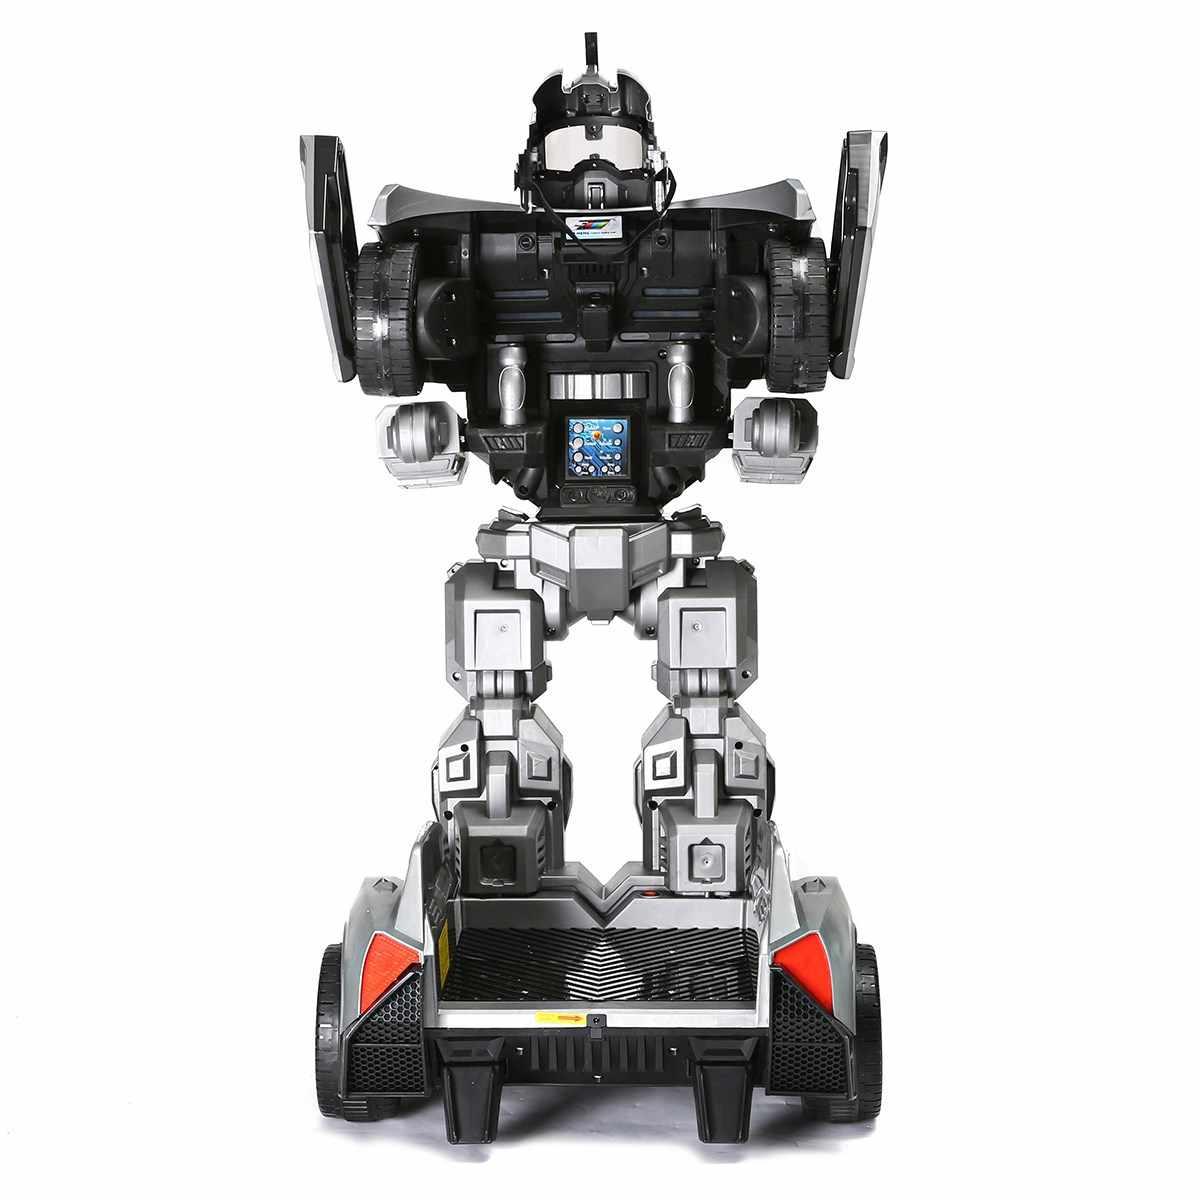 LEORY RC пилотируемый циклический зарядный человекоподобный робот игрушка автомобильный трансформатор подвижный с светодиодный фары для парка развлечений детей